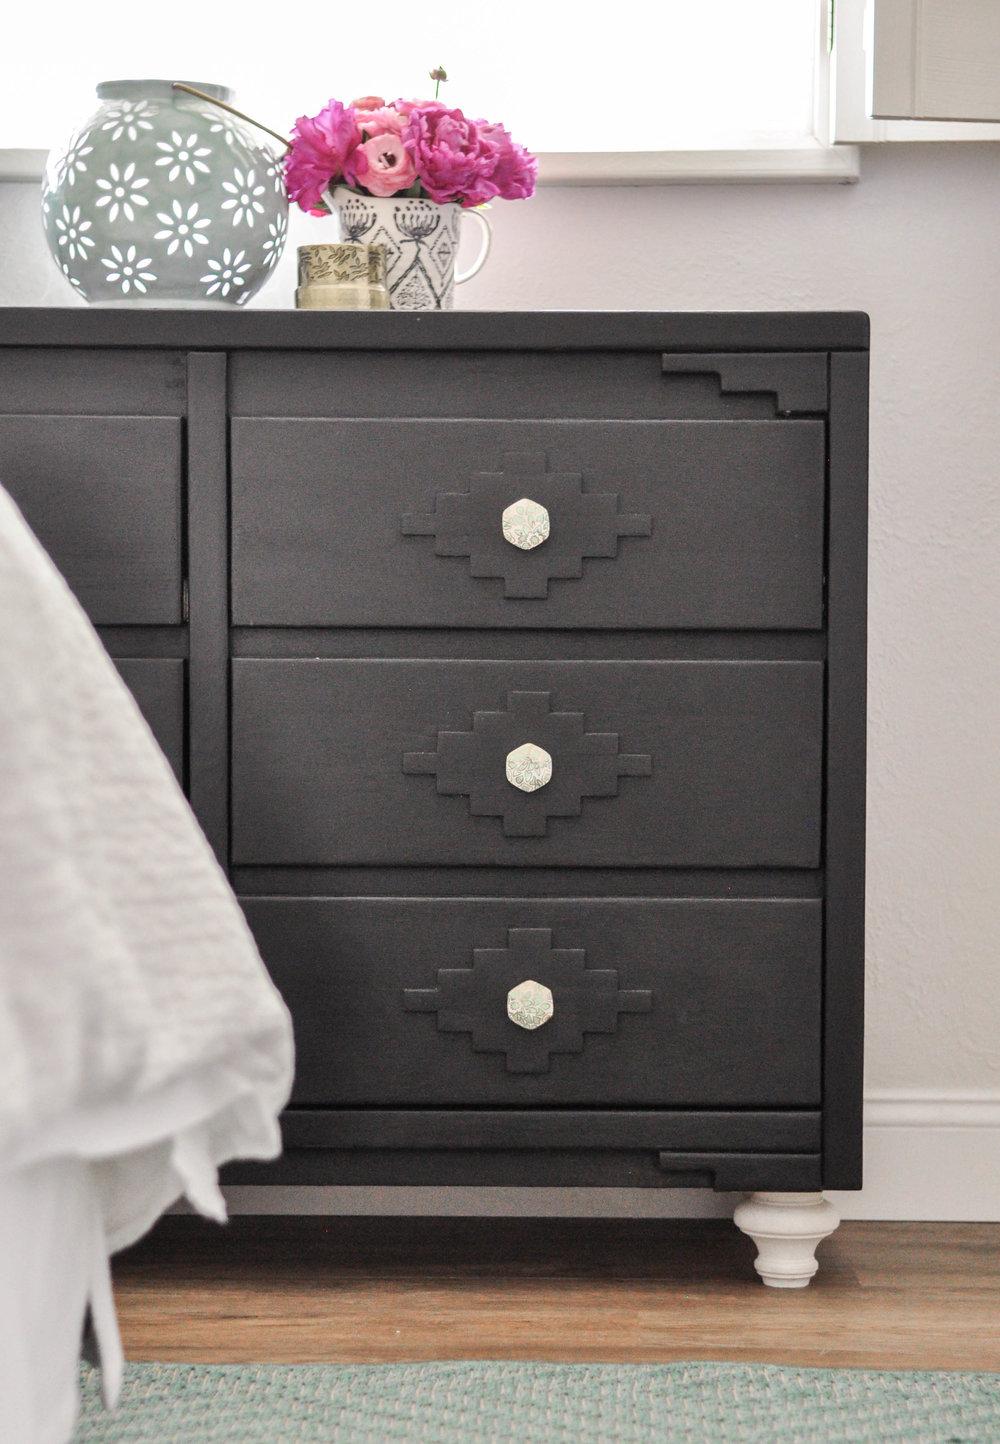 DIY-Painted-Dresser-24.jpg